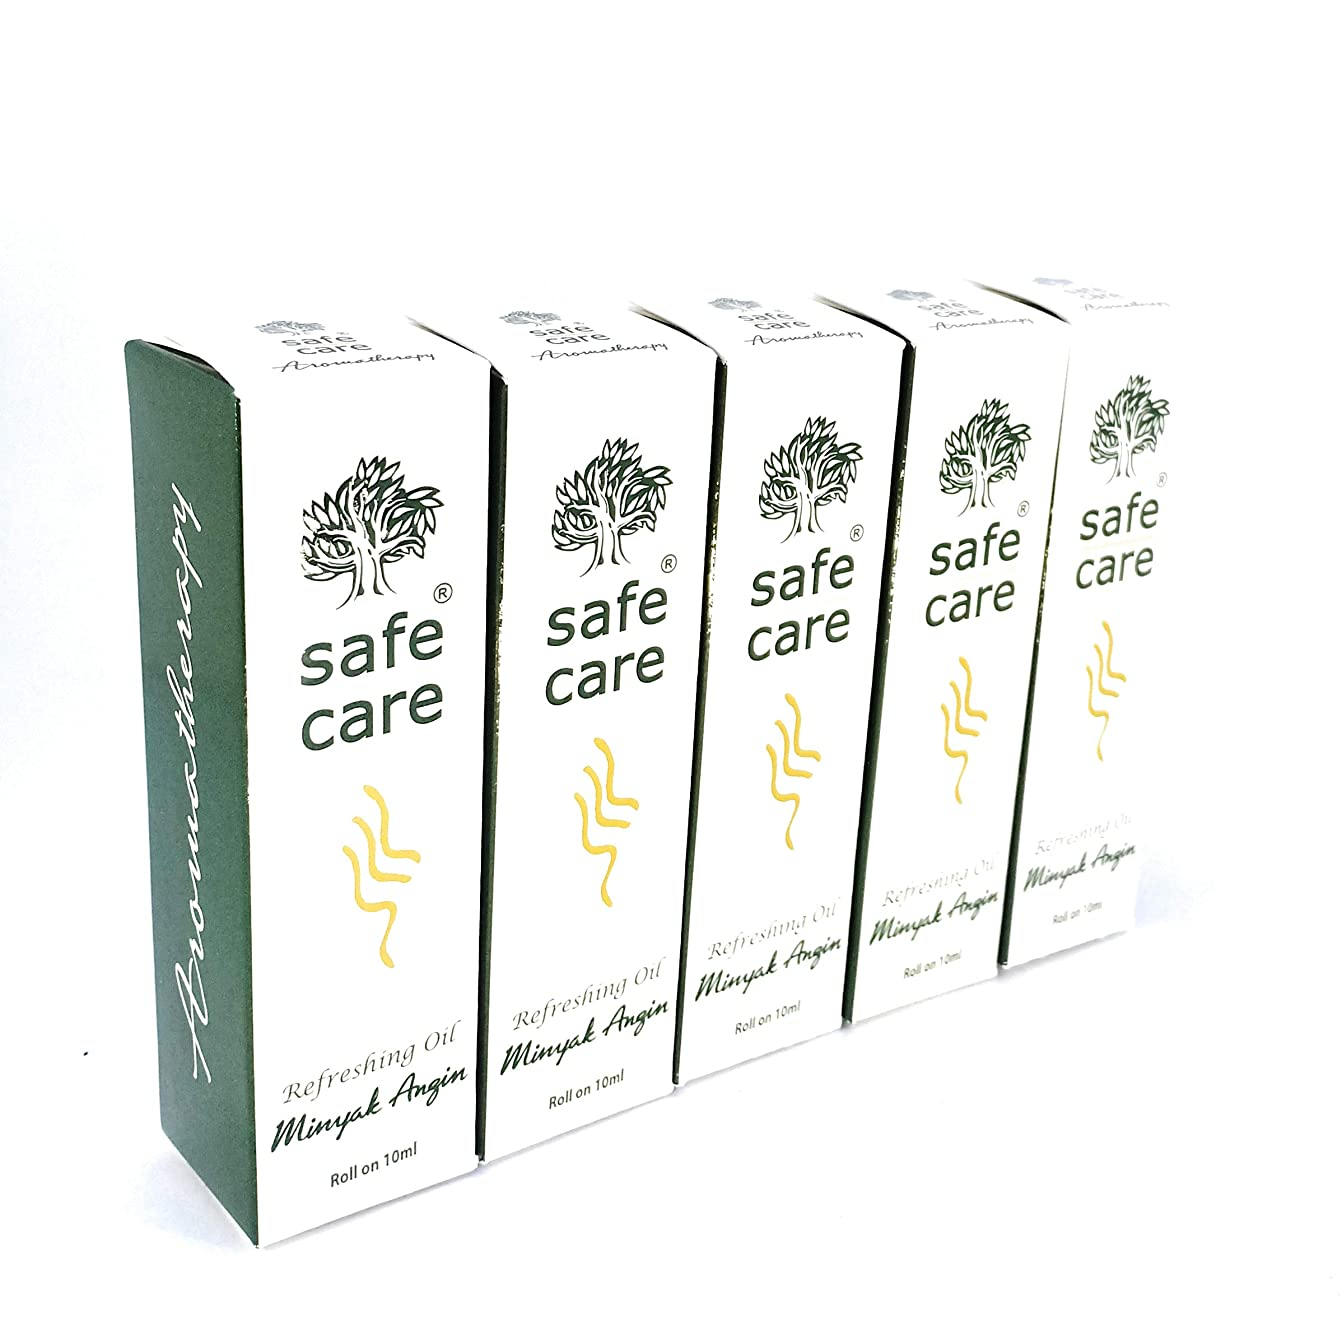 憂鬱発見する悪行Safe Care セイフケア Aromatherapy Refreshing Oil アロマテラピー リフレッシュオイル ロールオン 10ml × 5本セット [並行輸入品][海外直送品]